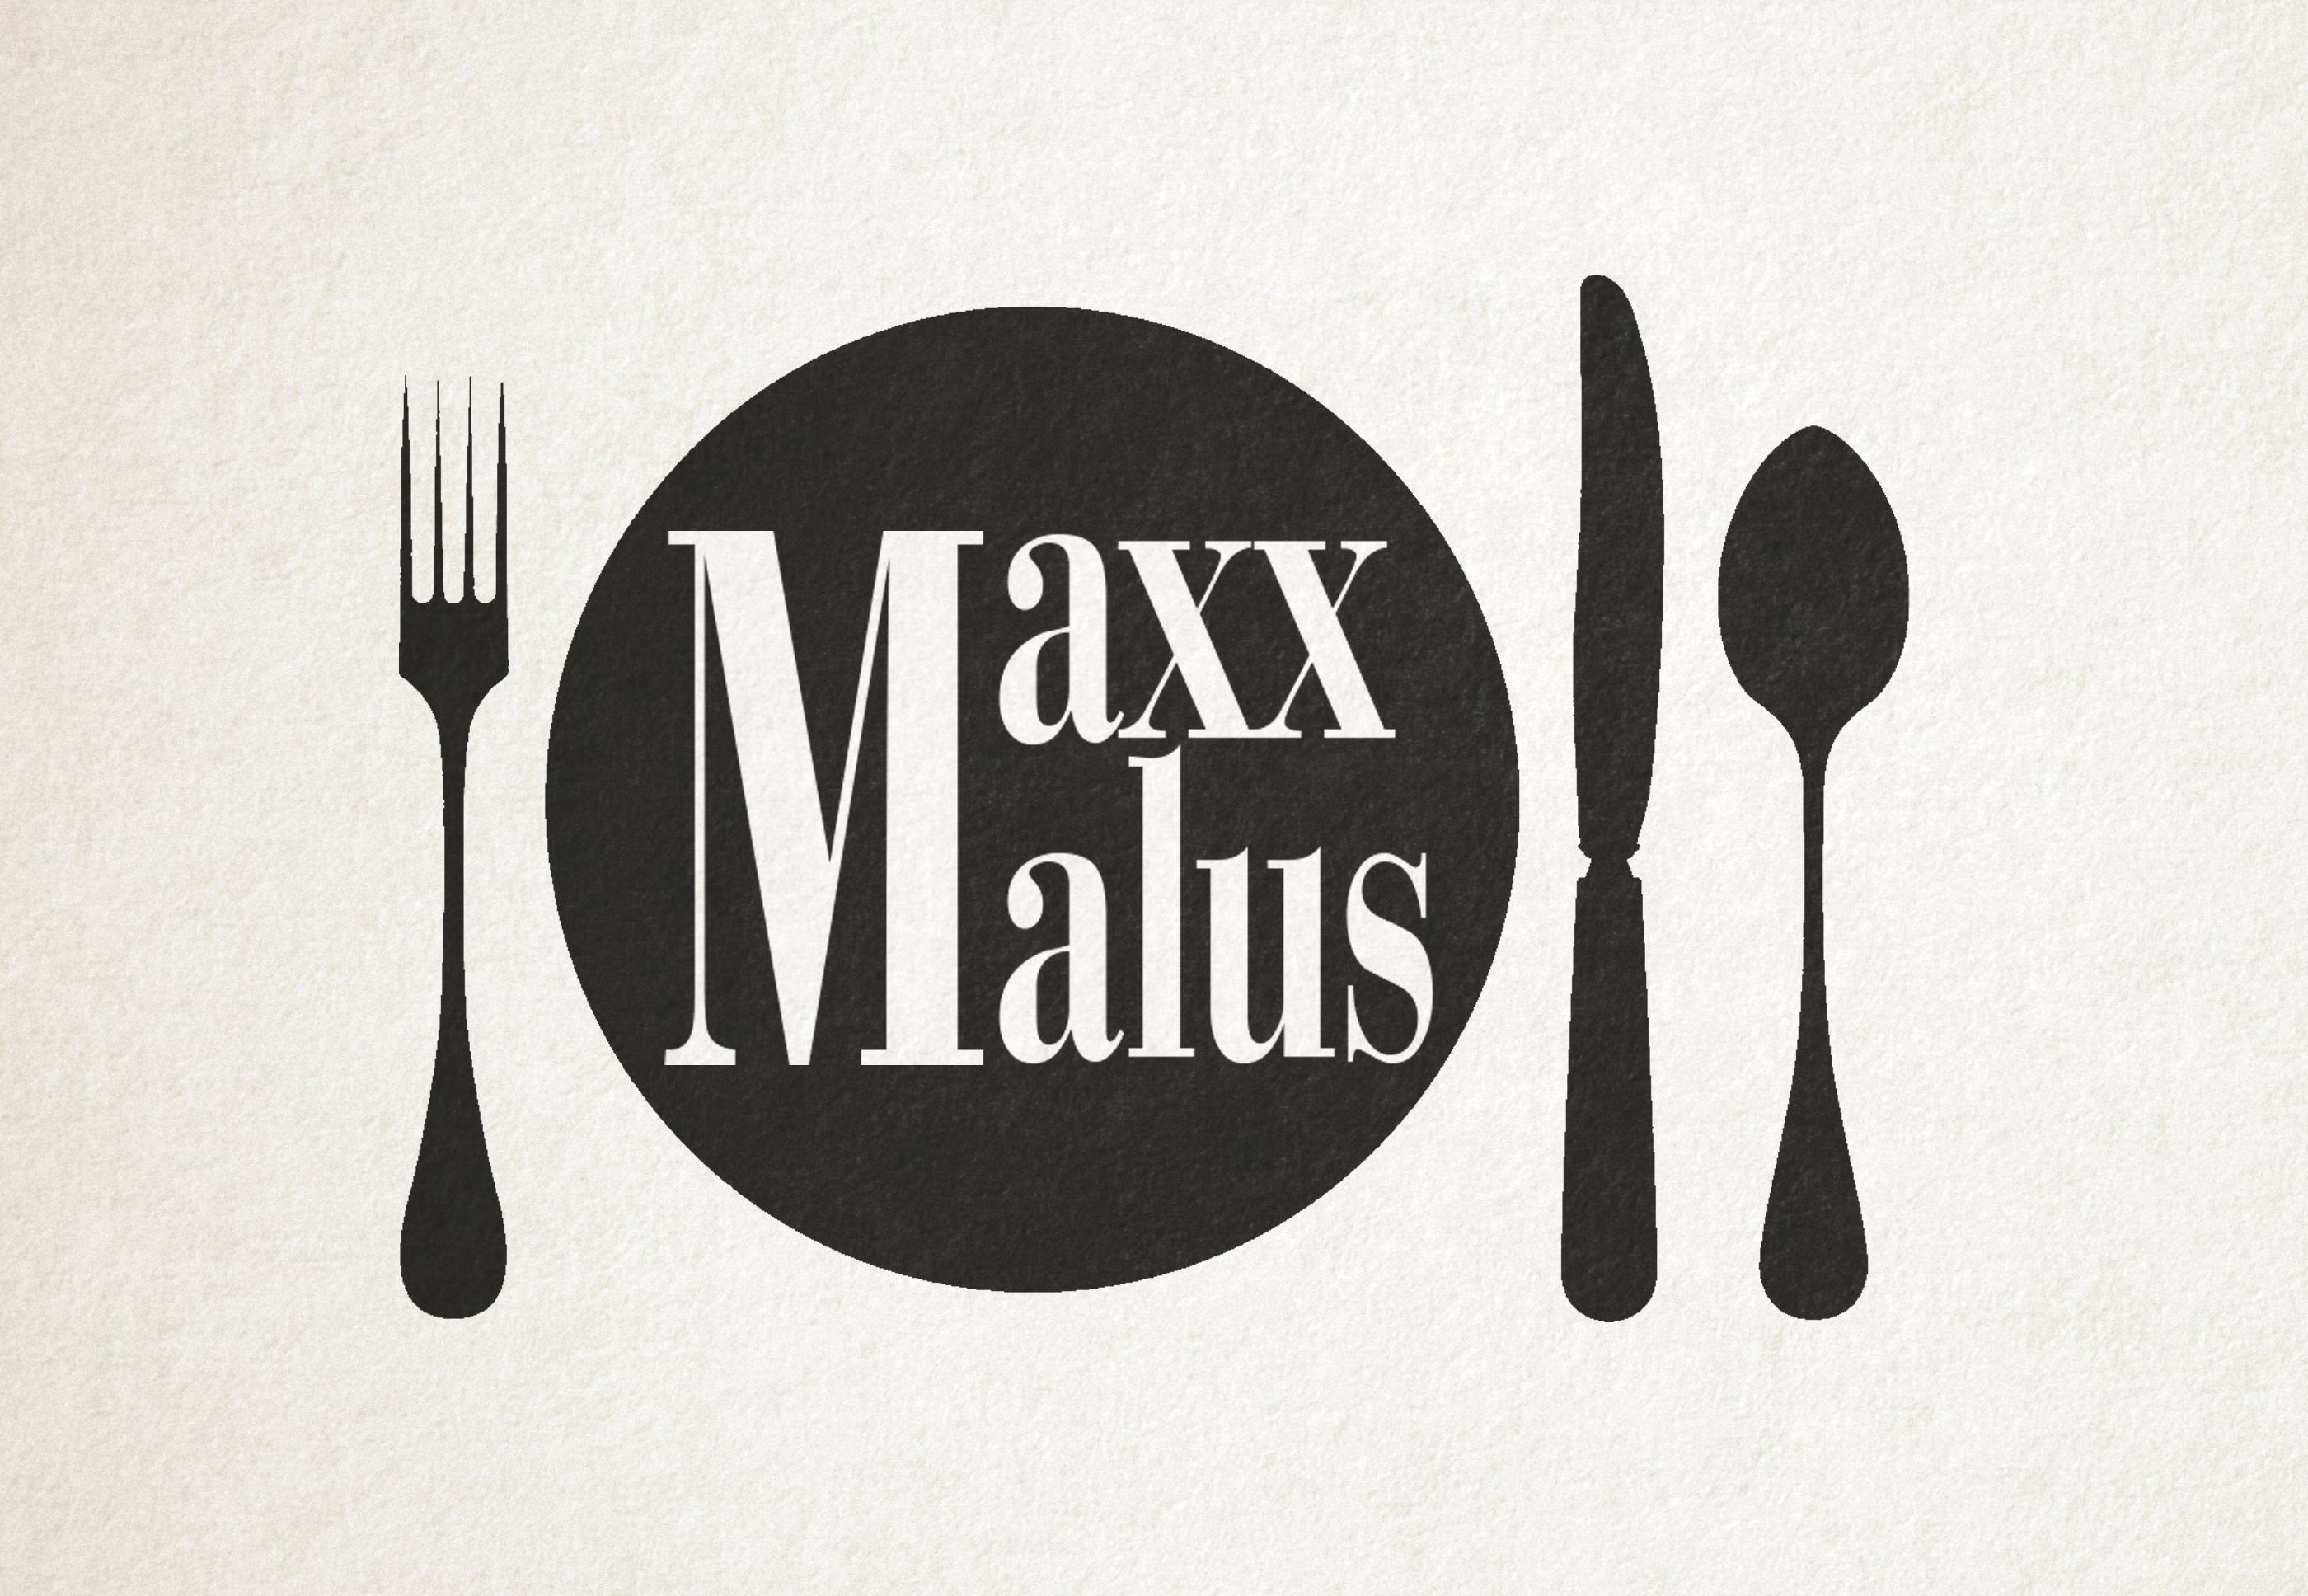 Логотип для нового бренда повседневной посуды фото f_8885b9f99a37c5e1.jpg